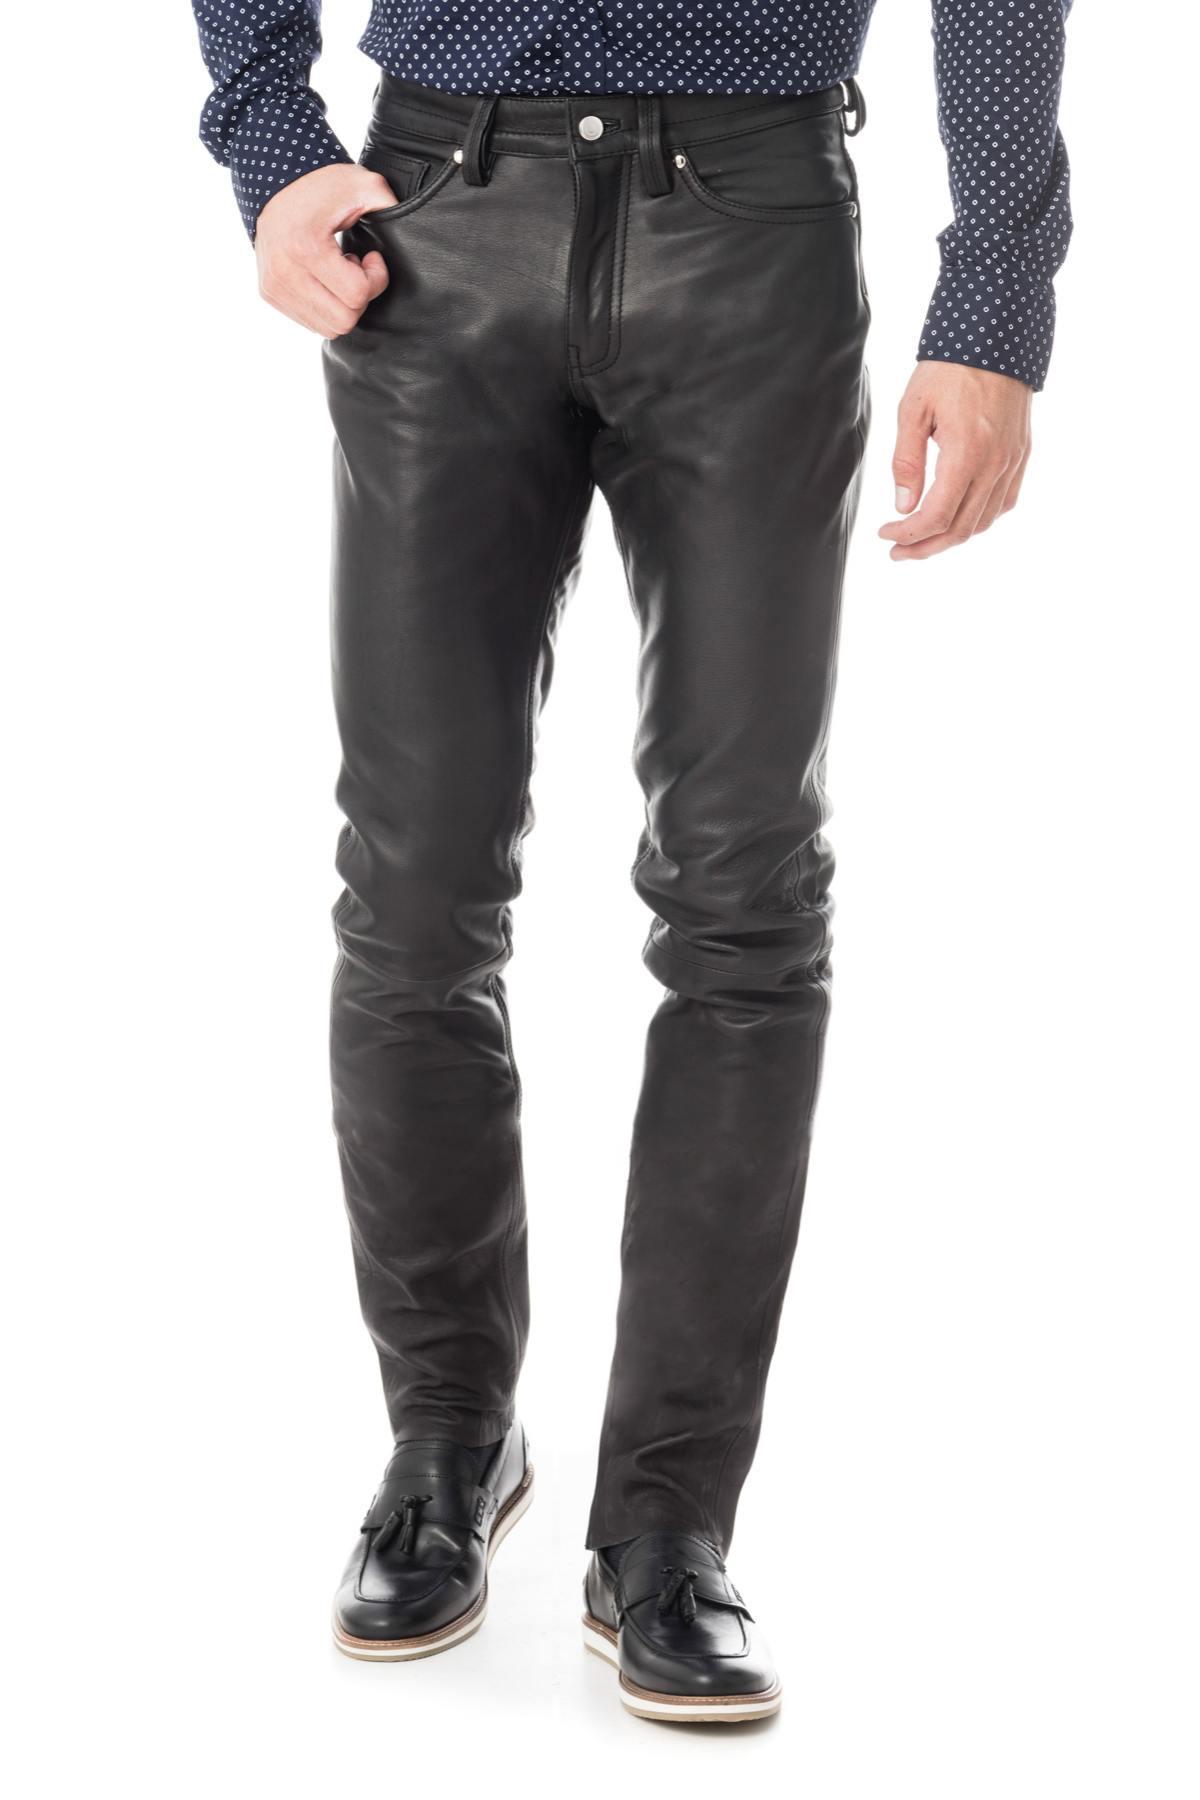 7e7b3871854 Pantalon Homme Cityzen NAPLES BLACK - Cuir-city.com